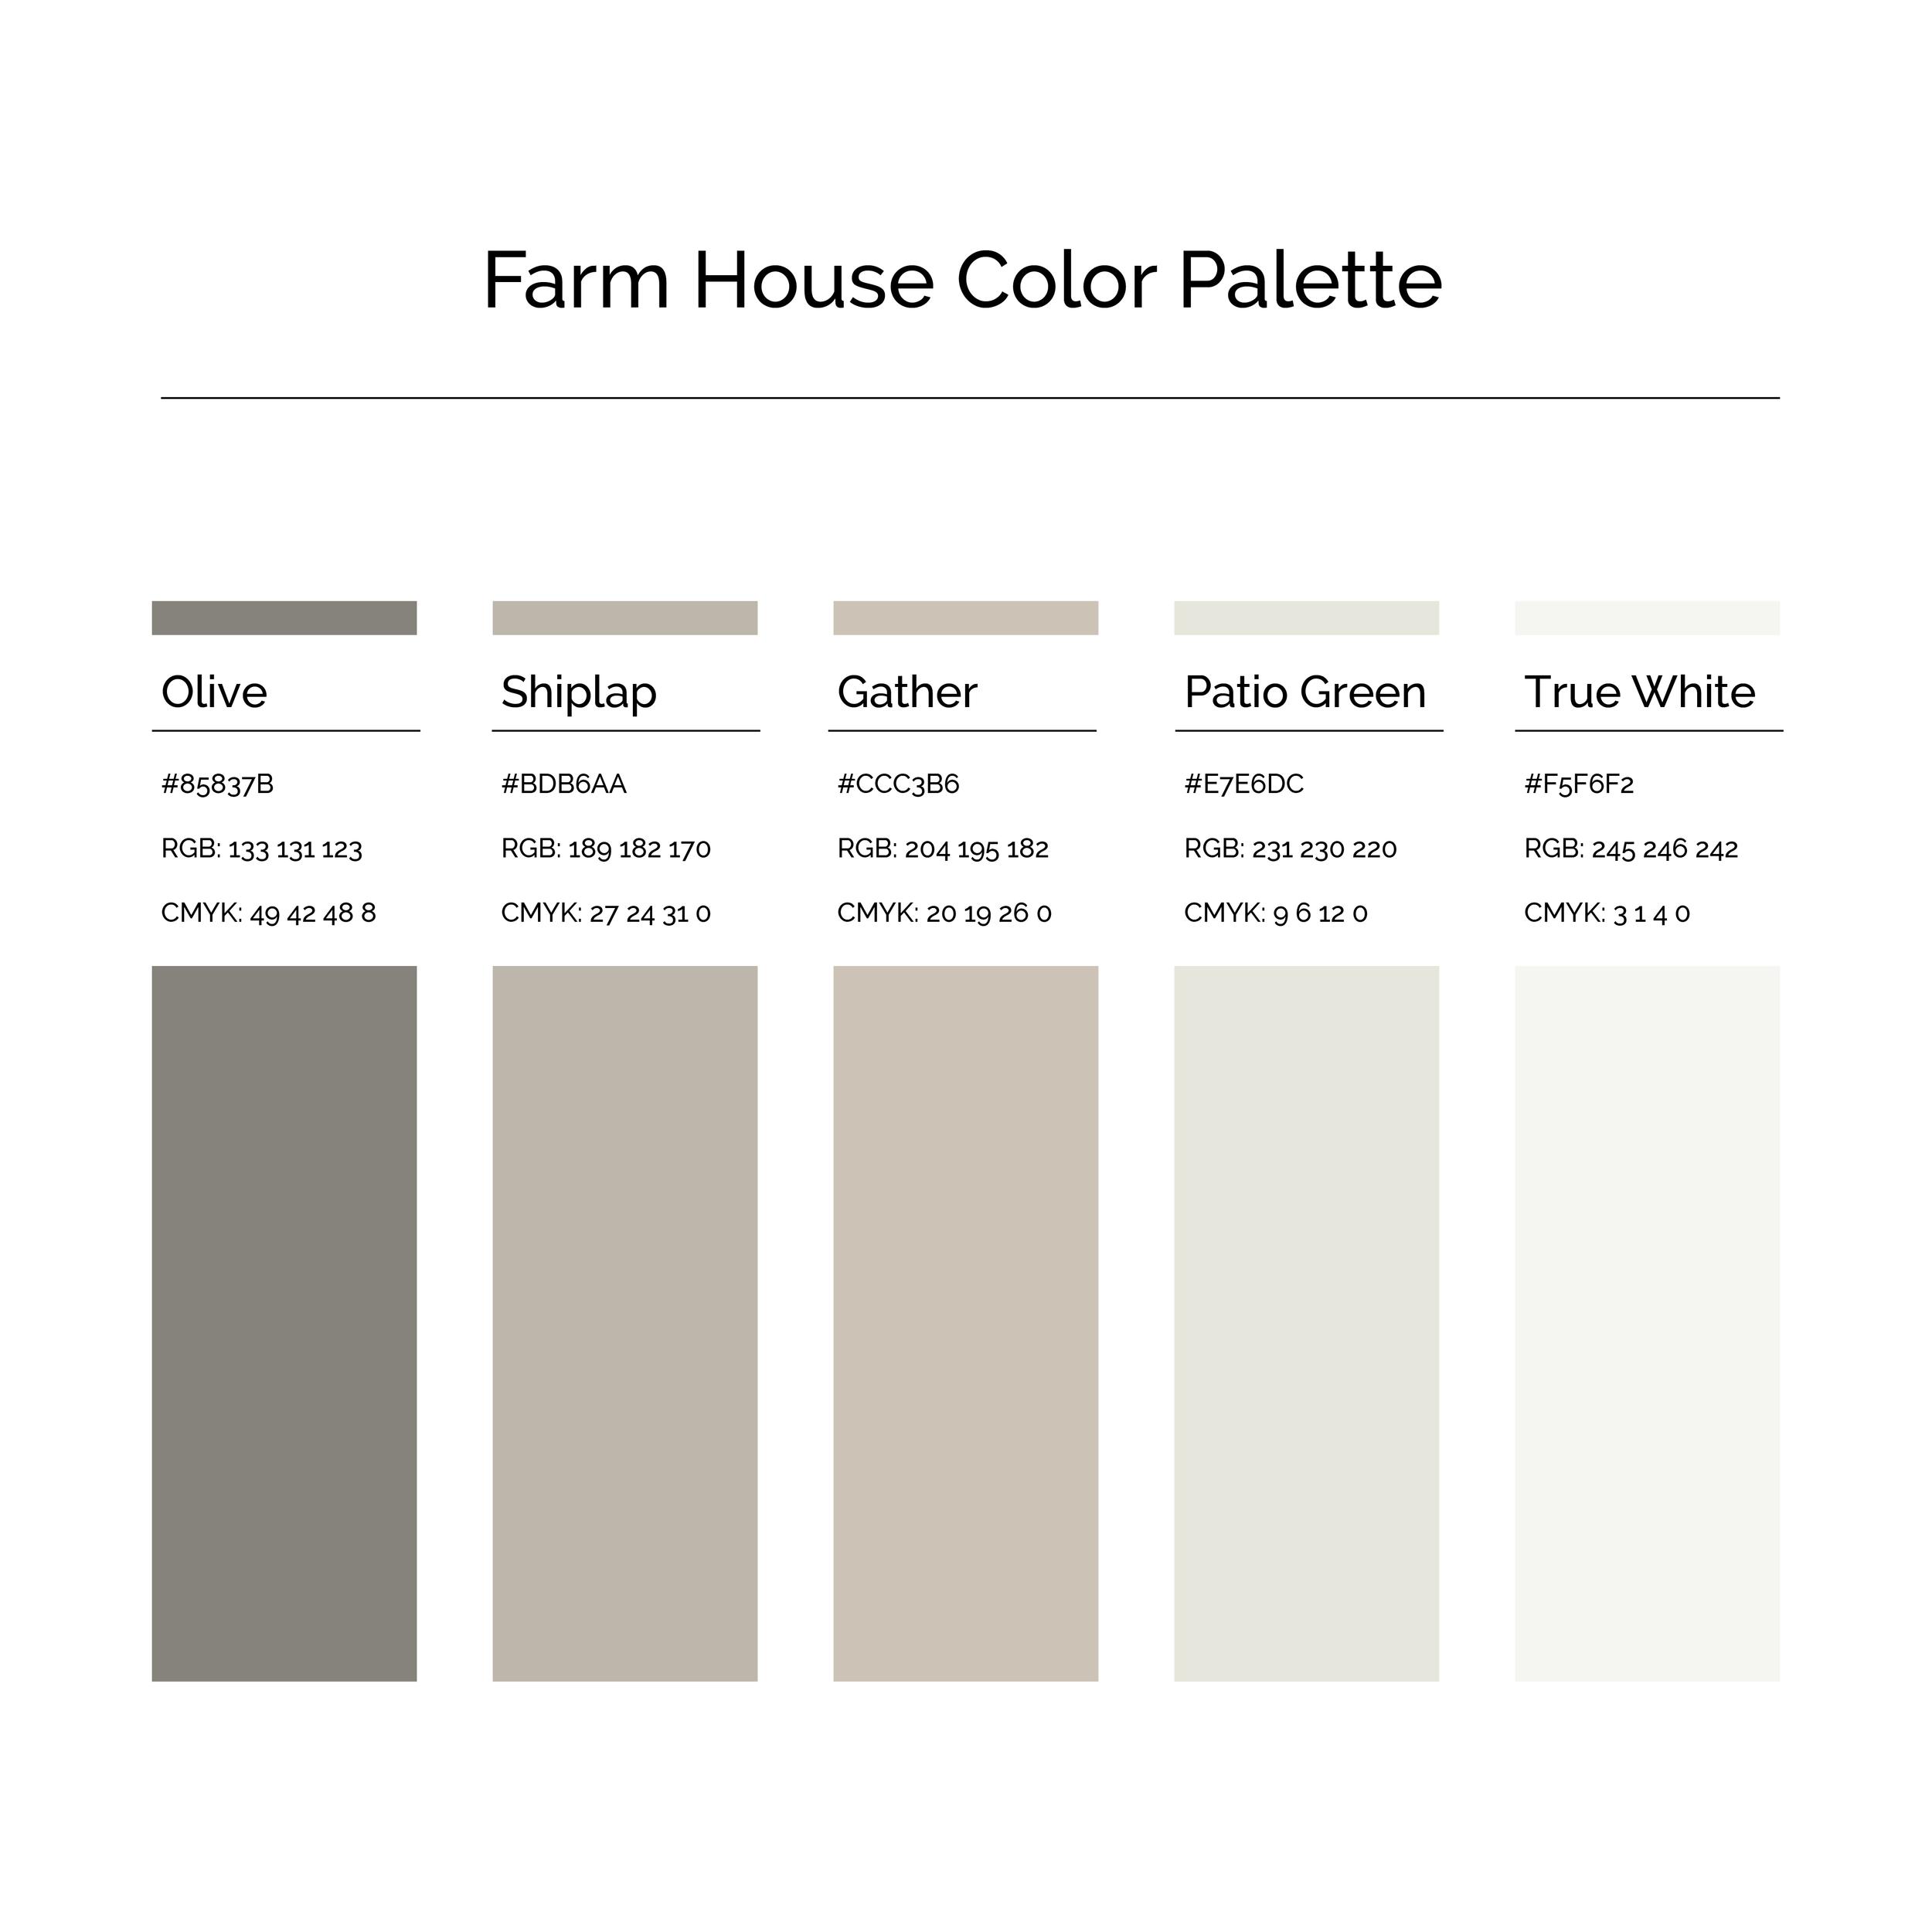 15 More Color Palettes | Farm House Color Palette